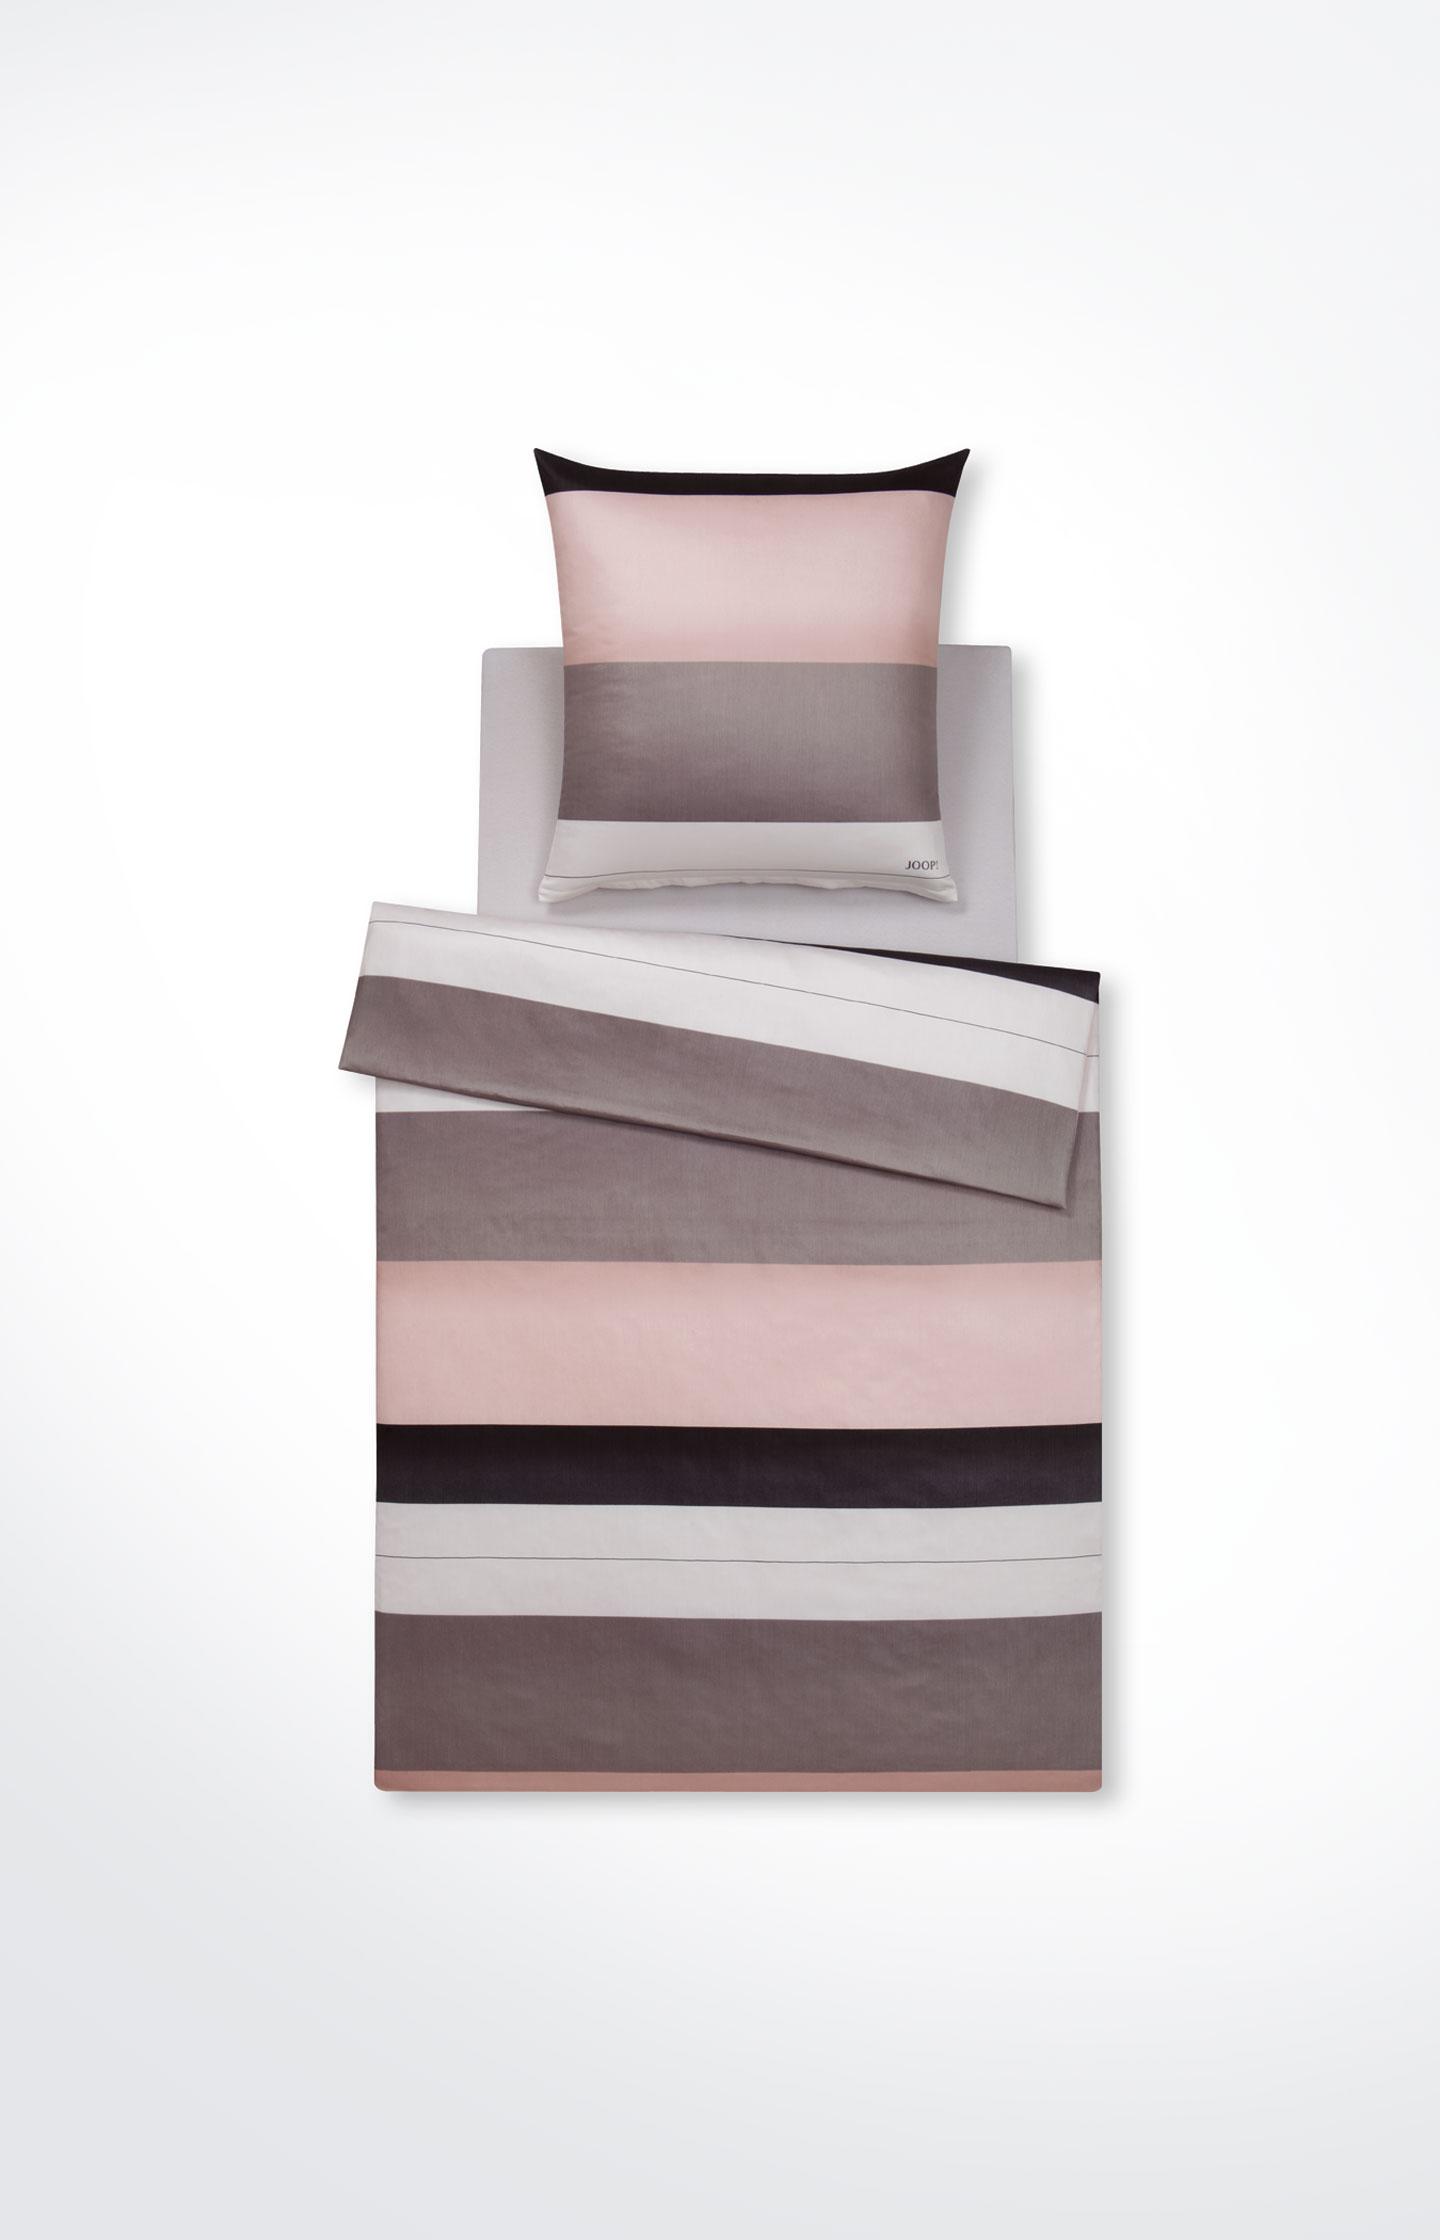 """Artikel klicken und genauer betrachten! - Für frische Akzente im Schlafbereich: Die Bettwäsche """"Purity"""" inszeniert ein modernes Farbkonzept und bewährte JOOP!-Qualität zum perfekten Ambiente für ausgeruhten Schlaf. Der hochwertige Mako-Satin aus reiner Baumwolle begeistert durch edel schimmerndes Silk-Finish und damit ein besonders luxuriöses Hautgefühl. Stilvoll-frisches Design in vollendeter Qualität - Ihr JOOP!-Gefühl pur!   im Online Shop kaufen"""